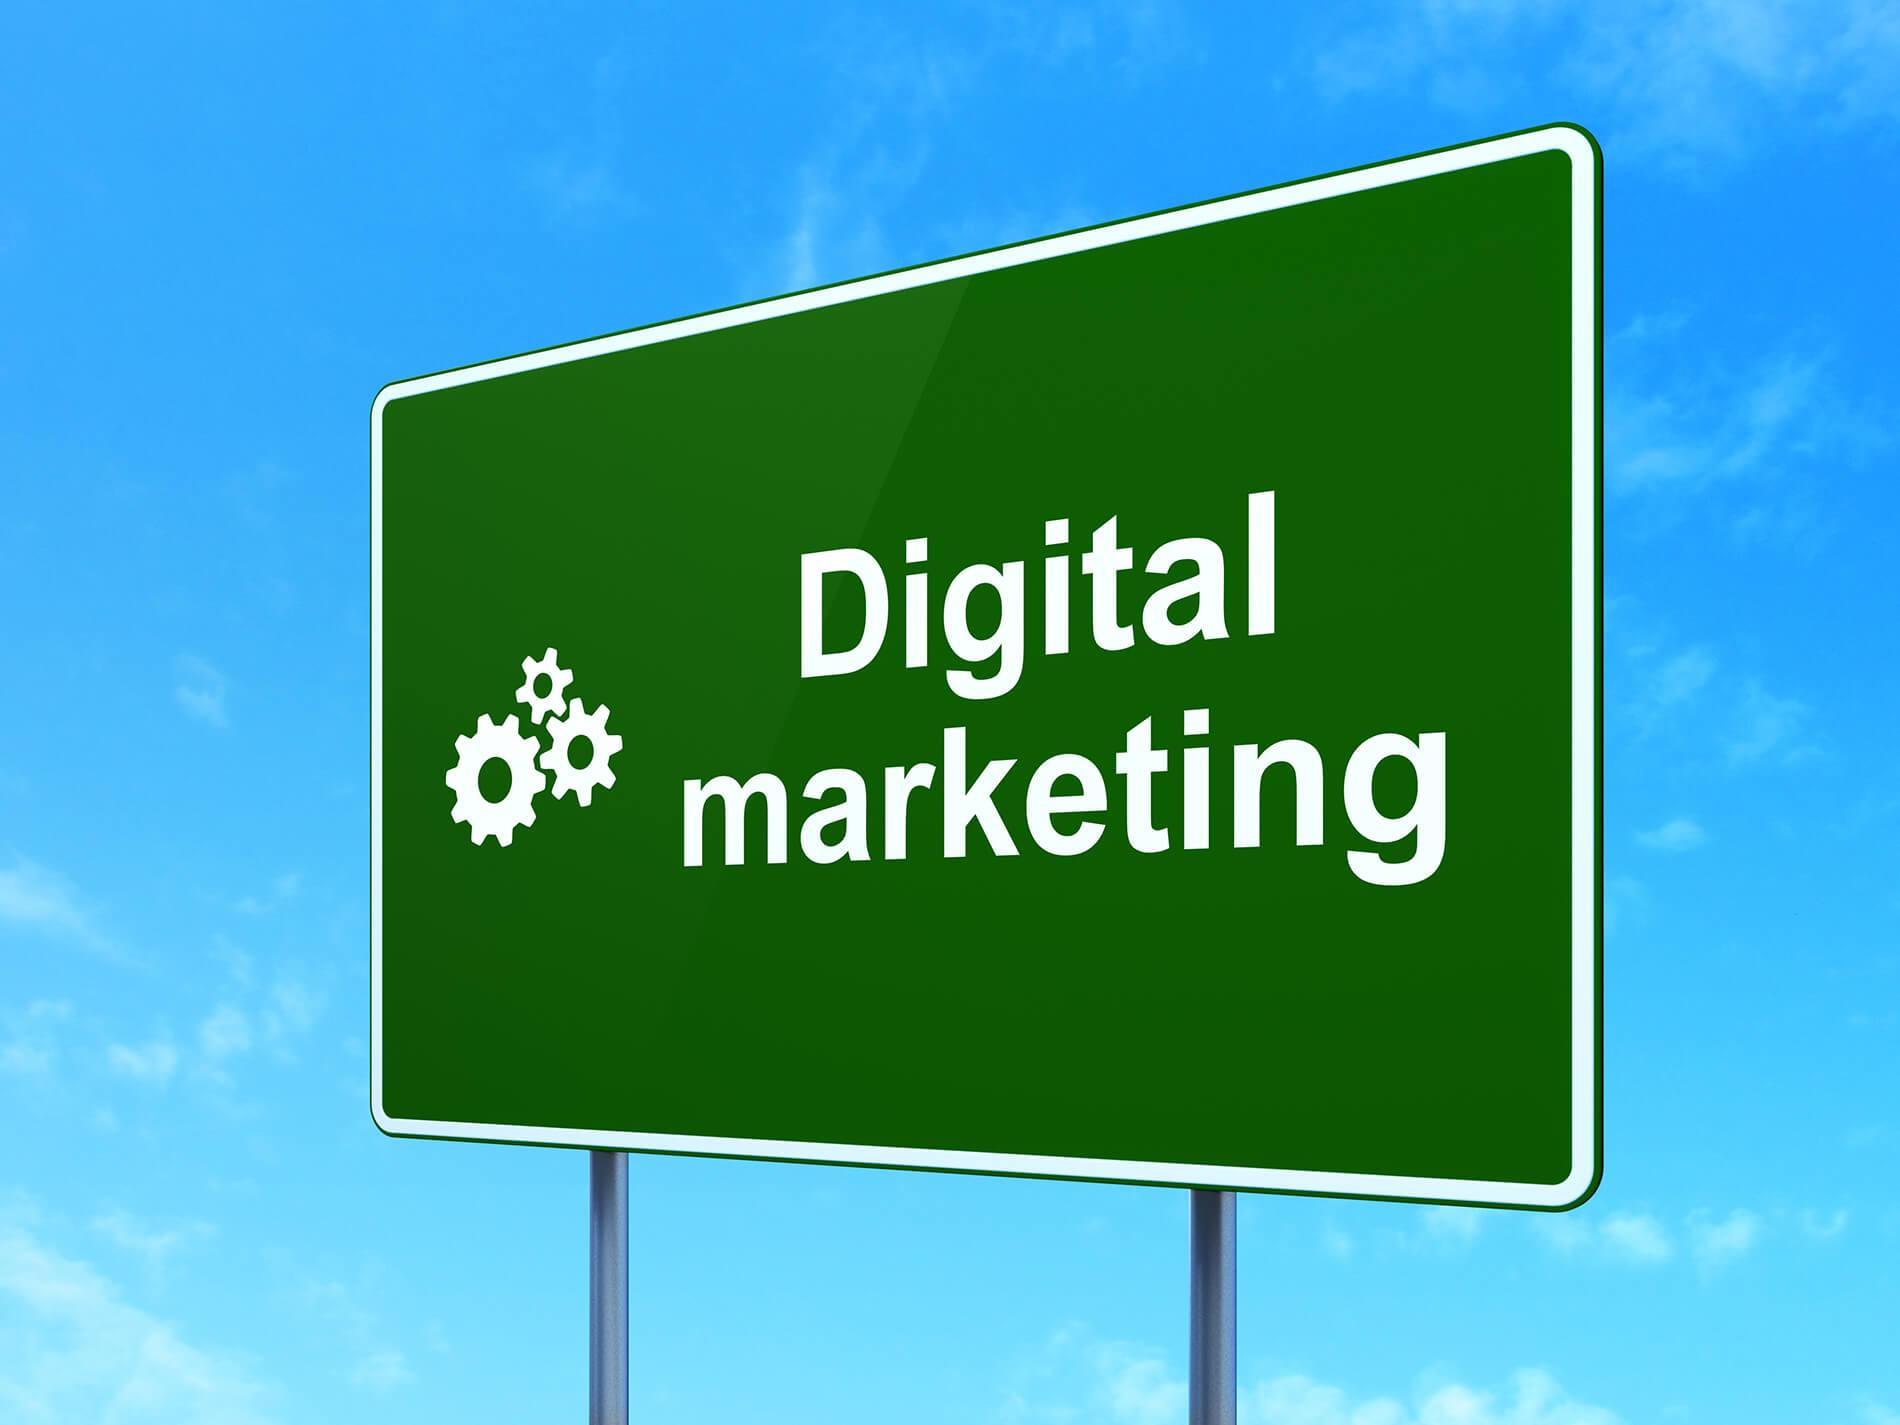 עושים את זה נכון ומצליחים בגדול באמצעות מדריך שיווק דיגיטלי באינטרנט